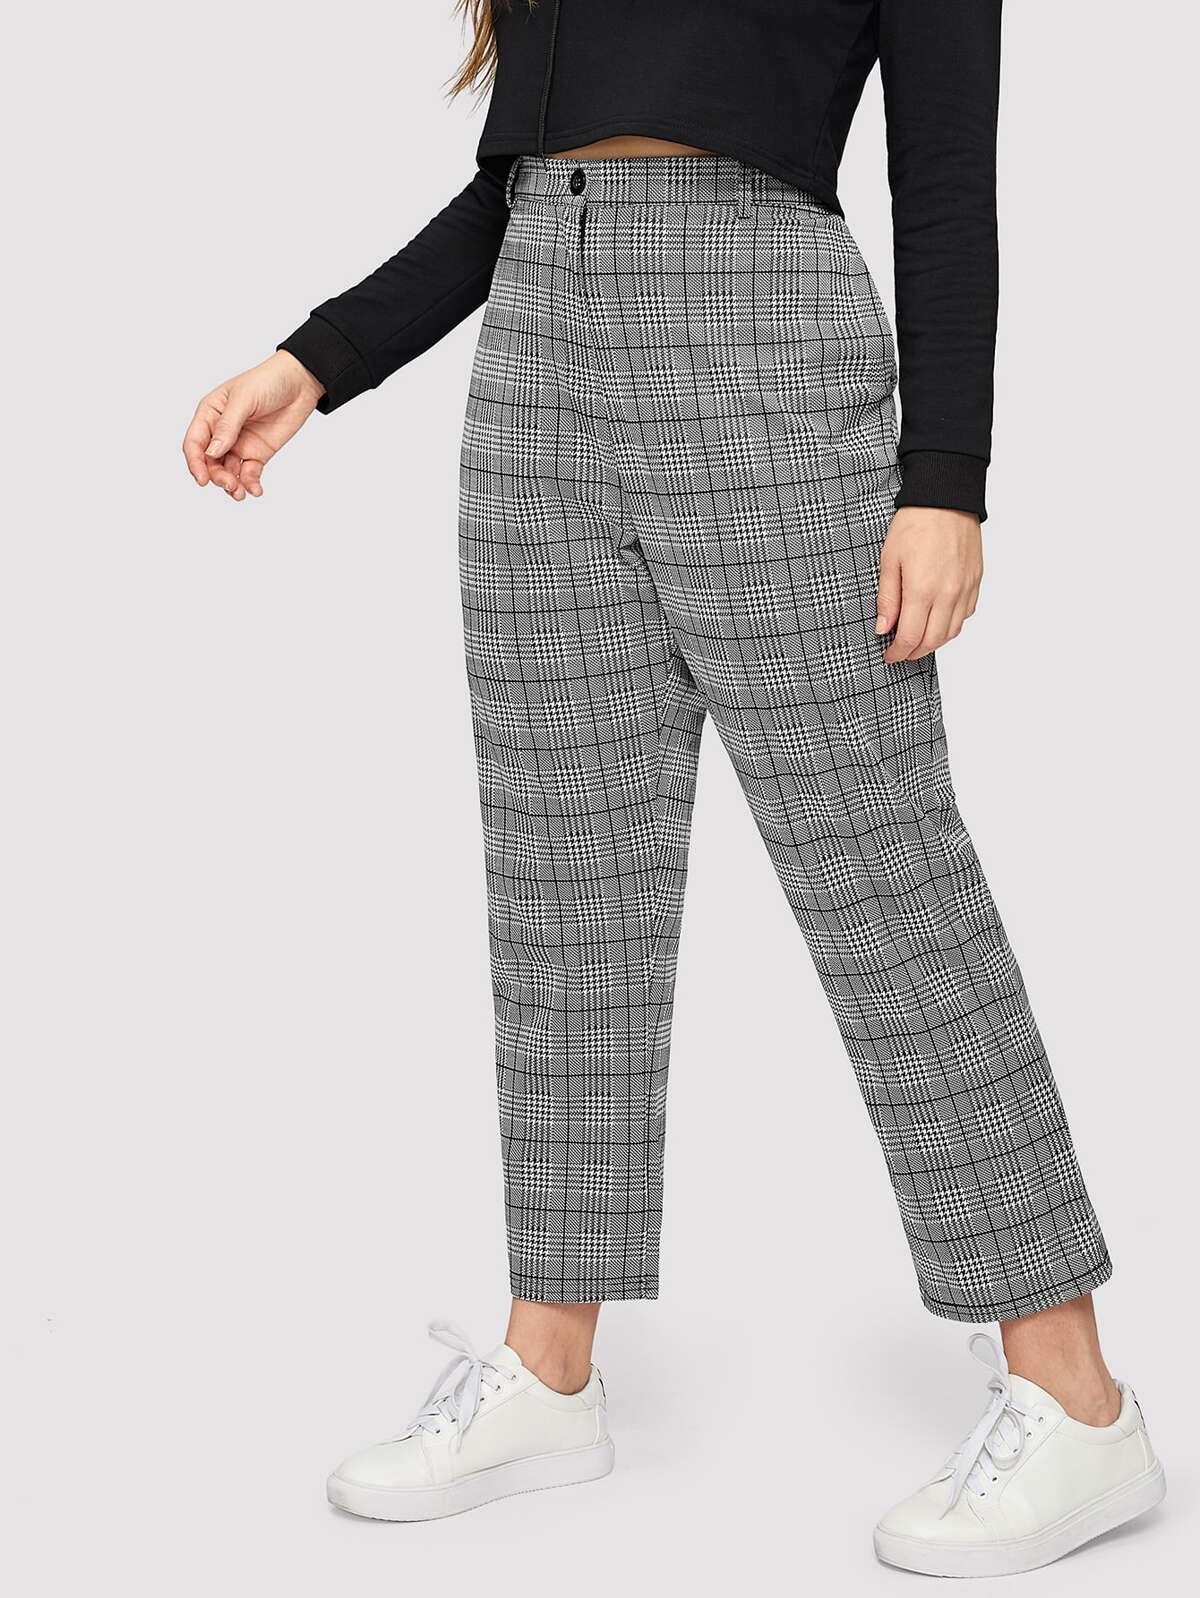 大尺碼 蘇格蘭格紋 口袋 側邊 褲